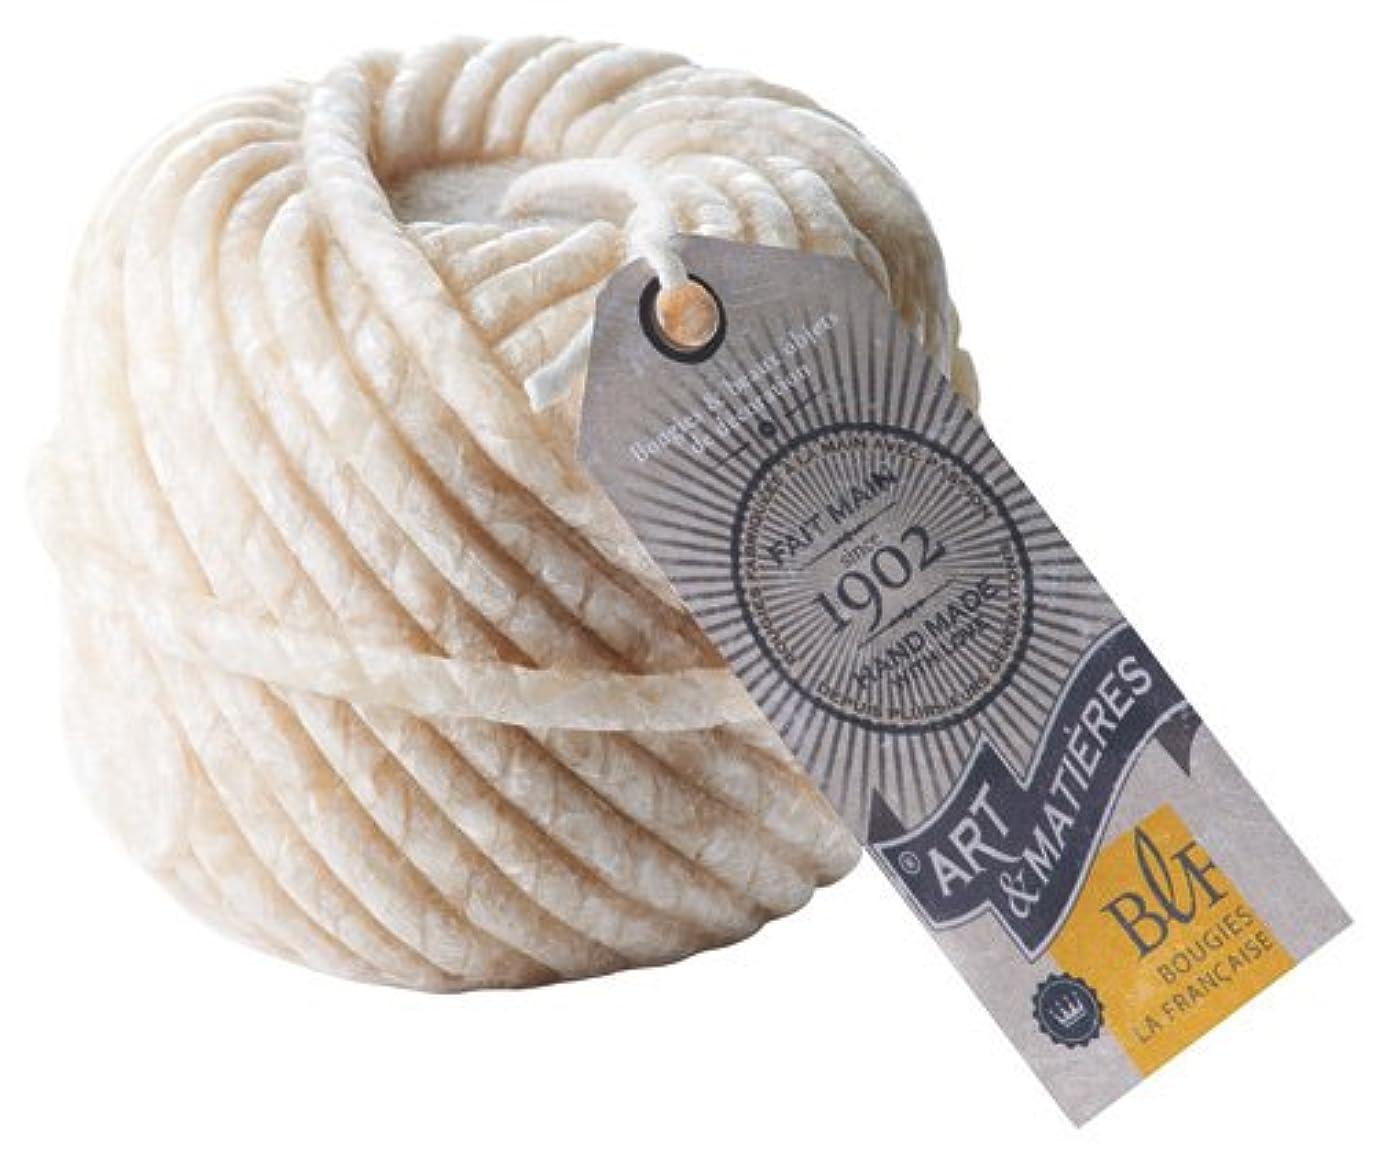 参加する不適当開始ブジ?ラ?フランセーズ 本物の毛糸玉のような ウールボールキャンドル ホワイト